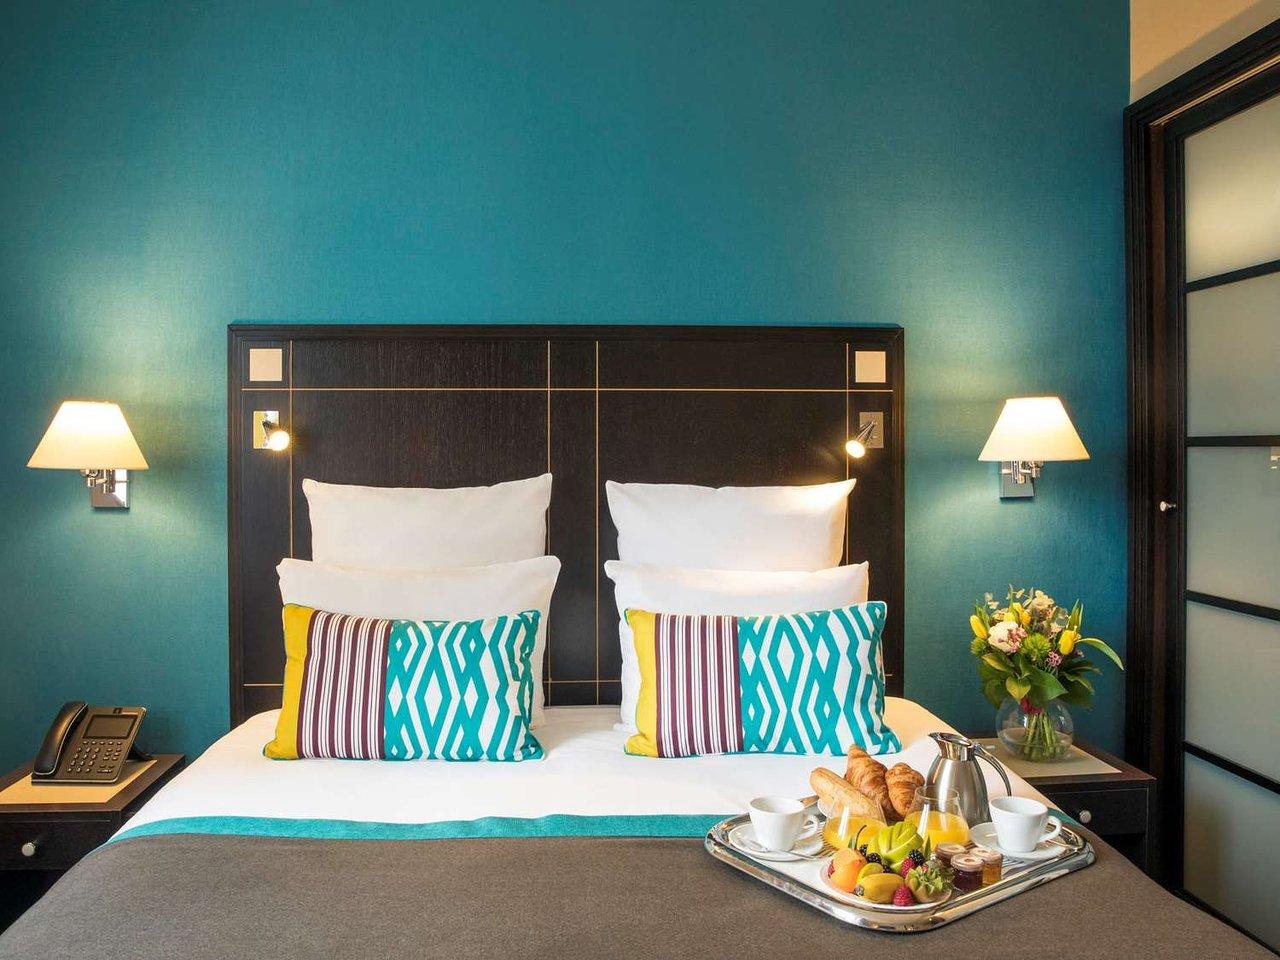 Espace Atypique La Baule mercure la baule majestic hotel (la-baule-escoublac